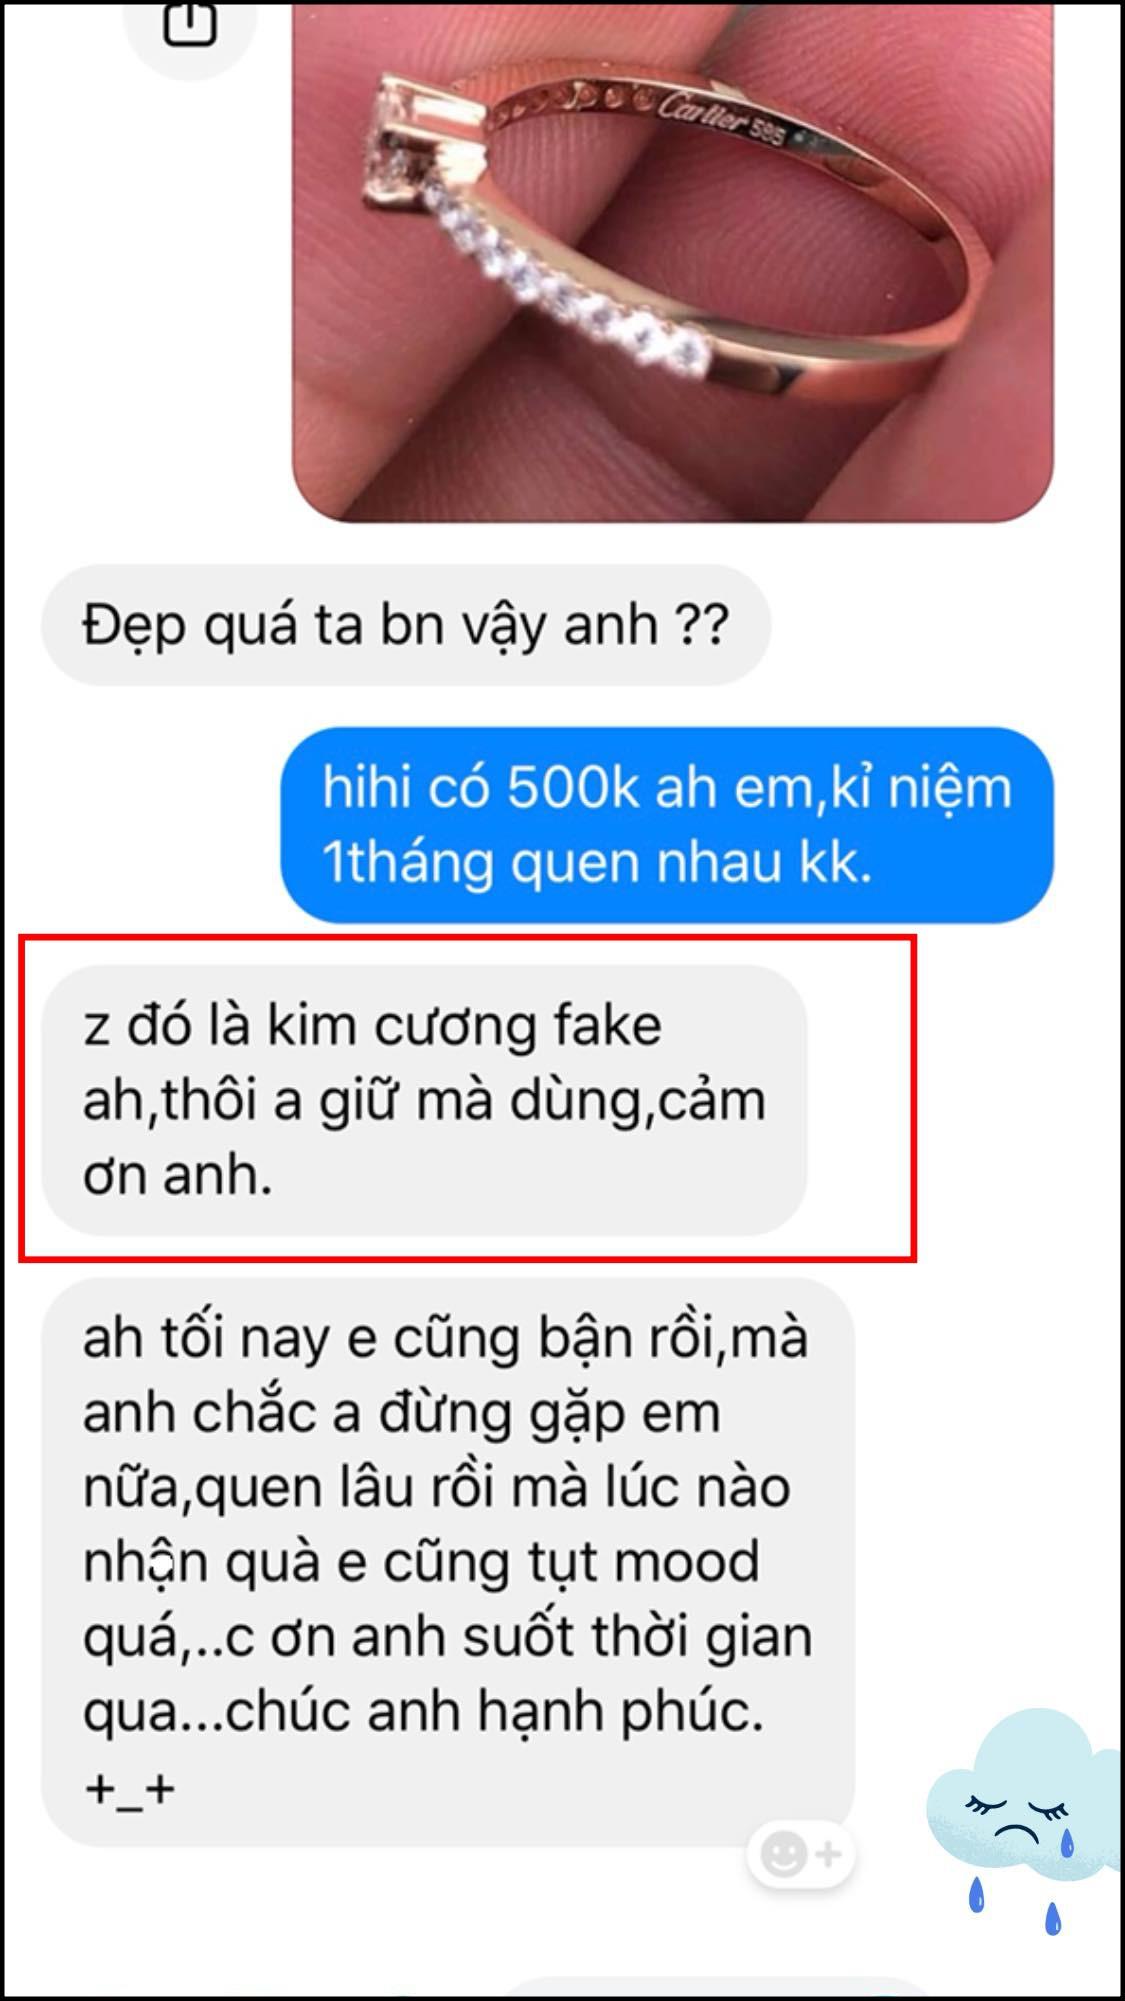 Cô gái thẳng thừng tỏ ra thất vọng khi nghĩ chiếc nhẫn có giá trị thấp, đòi chấm dứt mối quan hệ - Ảnh: Facebook